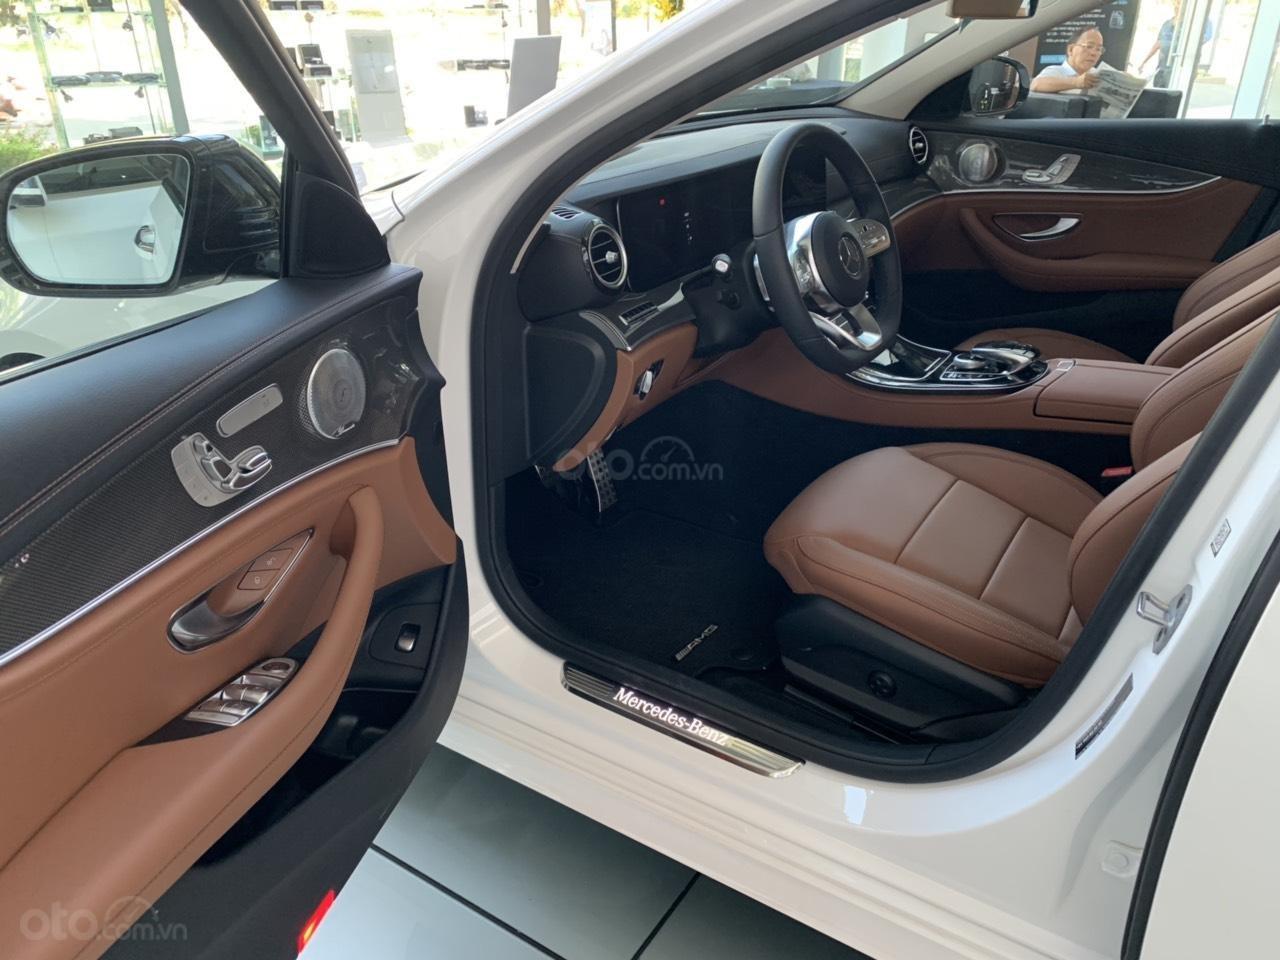 Cần bán Mercedes E 300 AMG 2019 xe sẵn ưu đãi cực khủng (6)